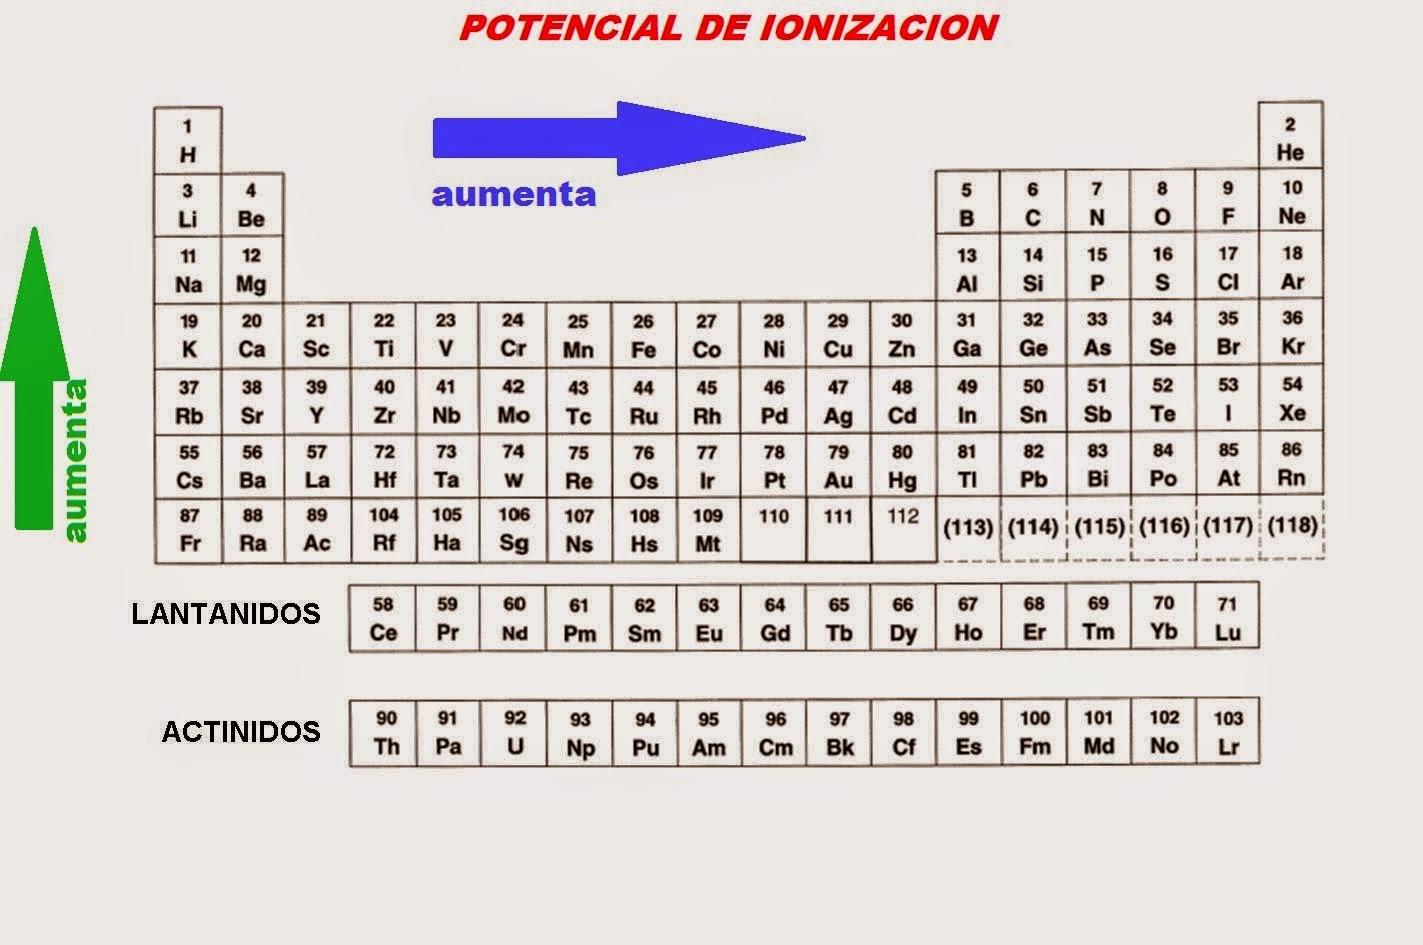 Propiedades de la tabla periodica quimica potencial de ionizacion potencial de ionizacion urtaz Image collections